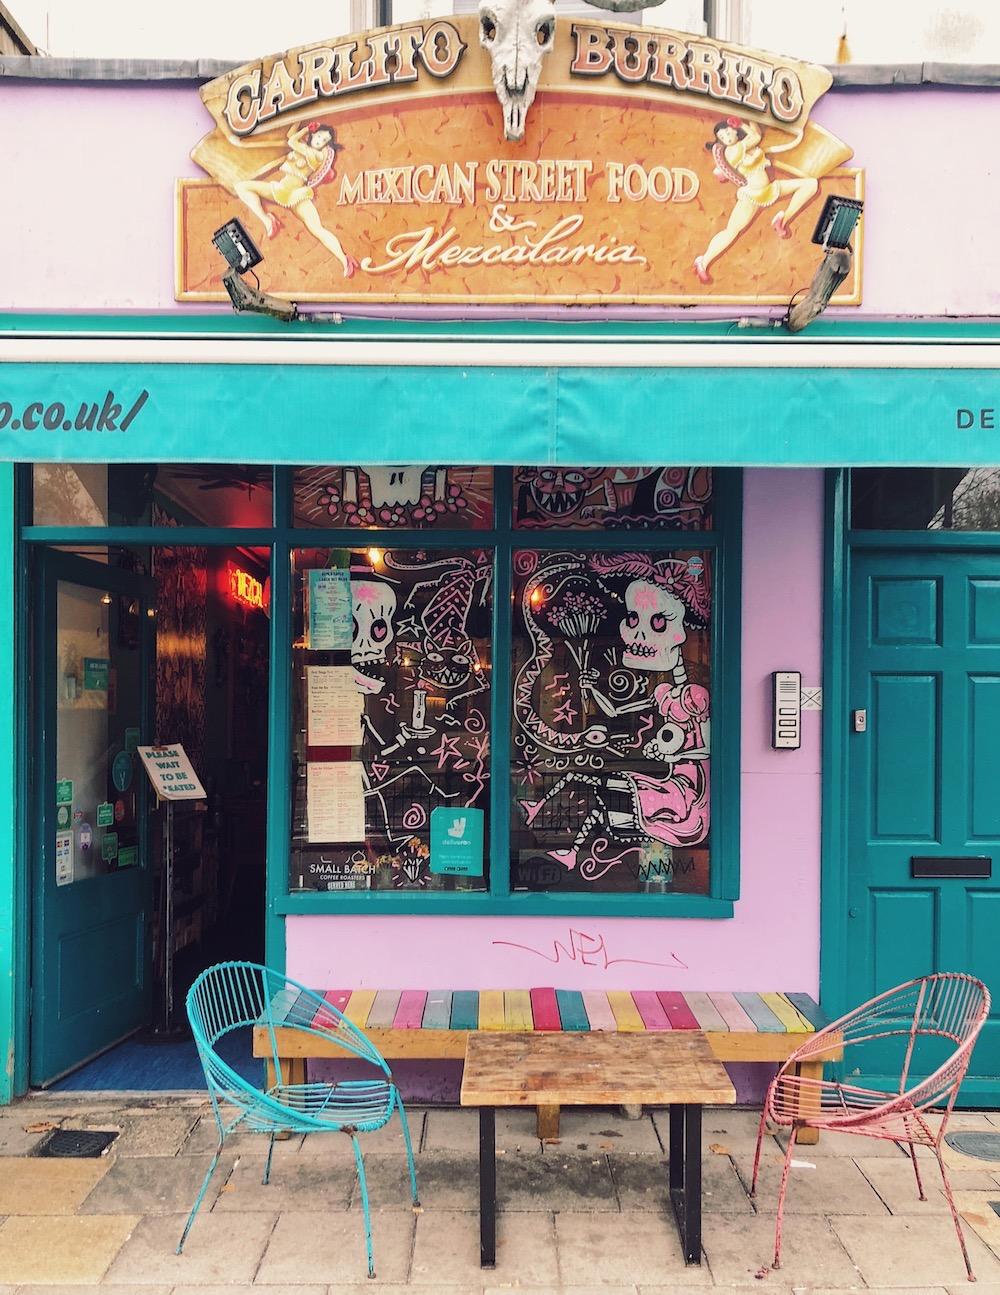 carlitos burrito romantic restaurant brighton